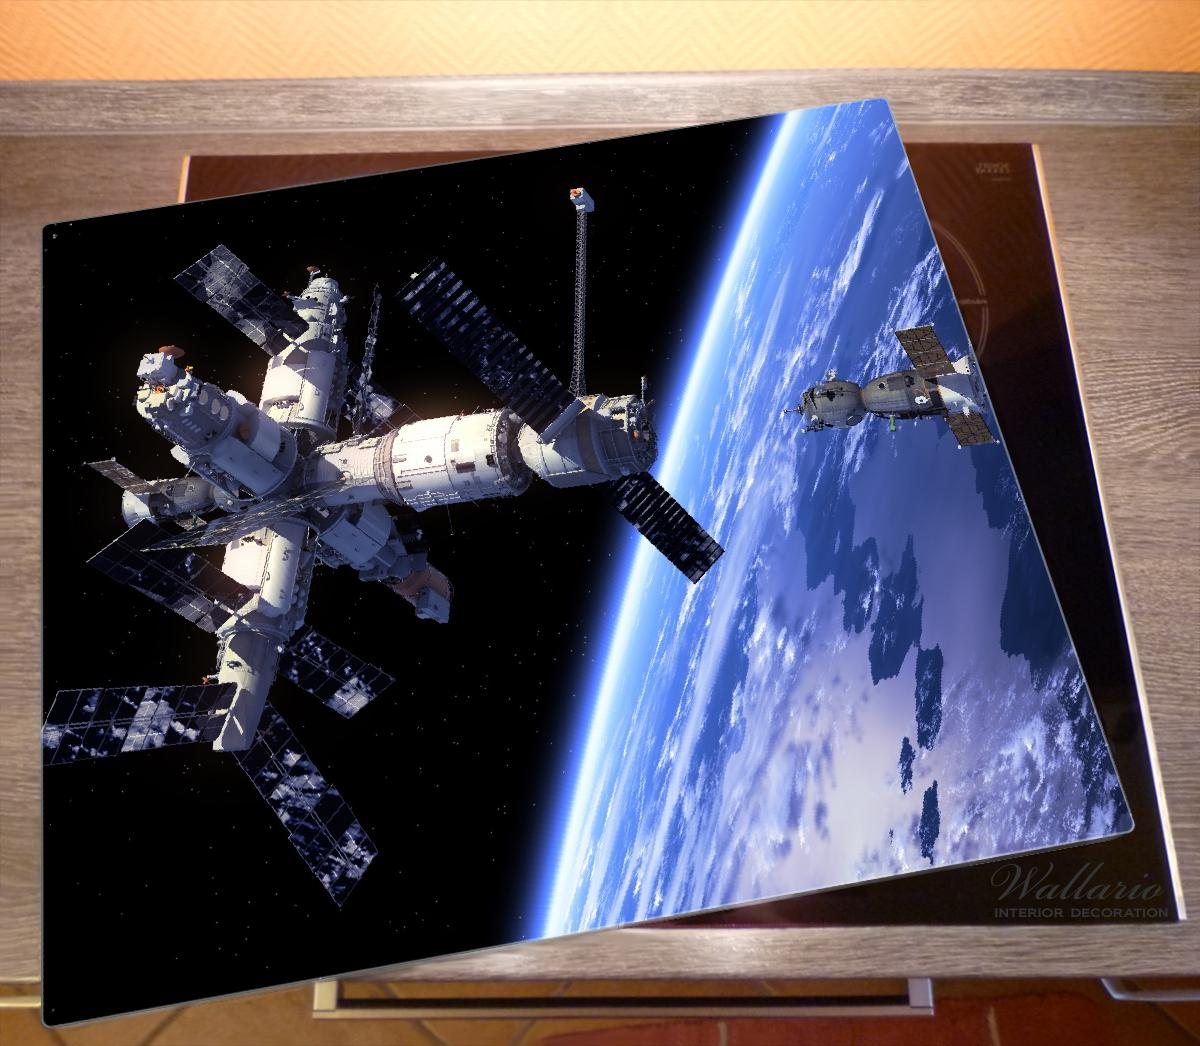 Herdabdeckplatte Raumfahrt - Raumstation und Raumschiff im Weltall – Bild 2